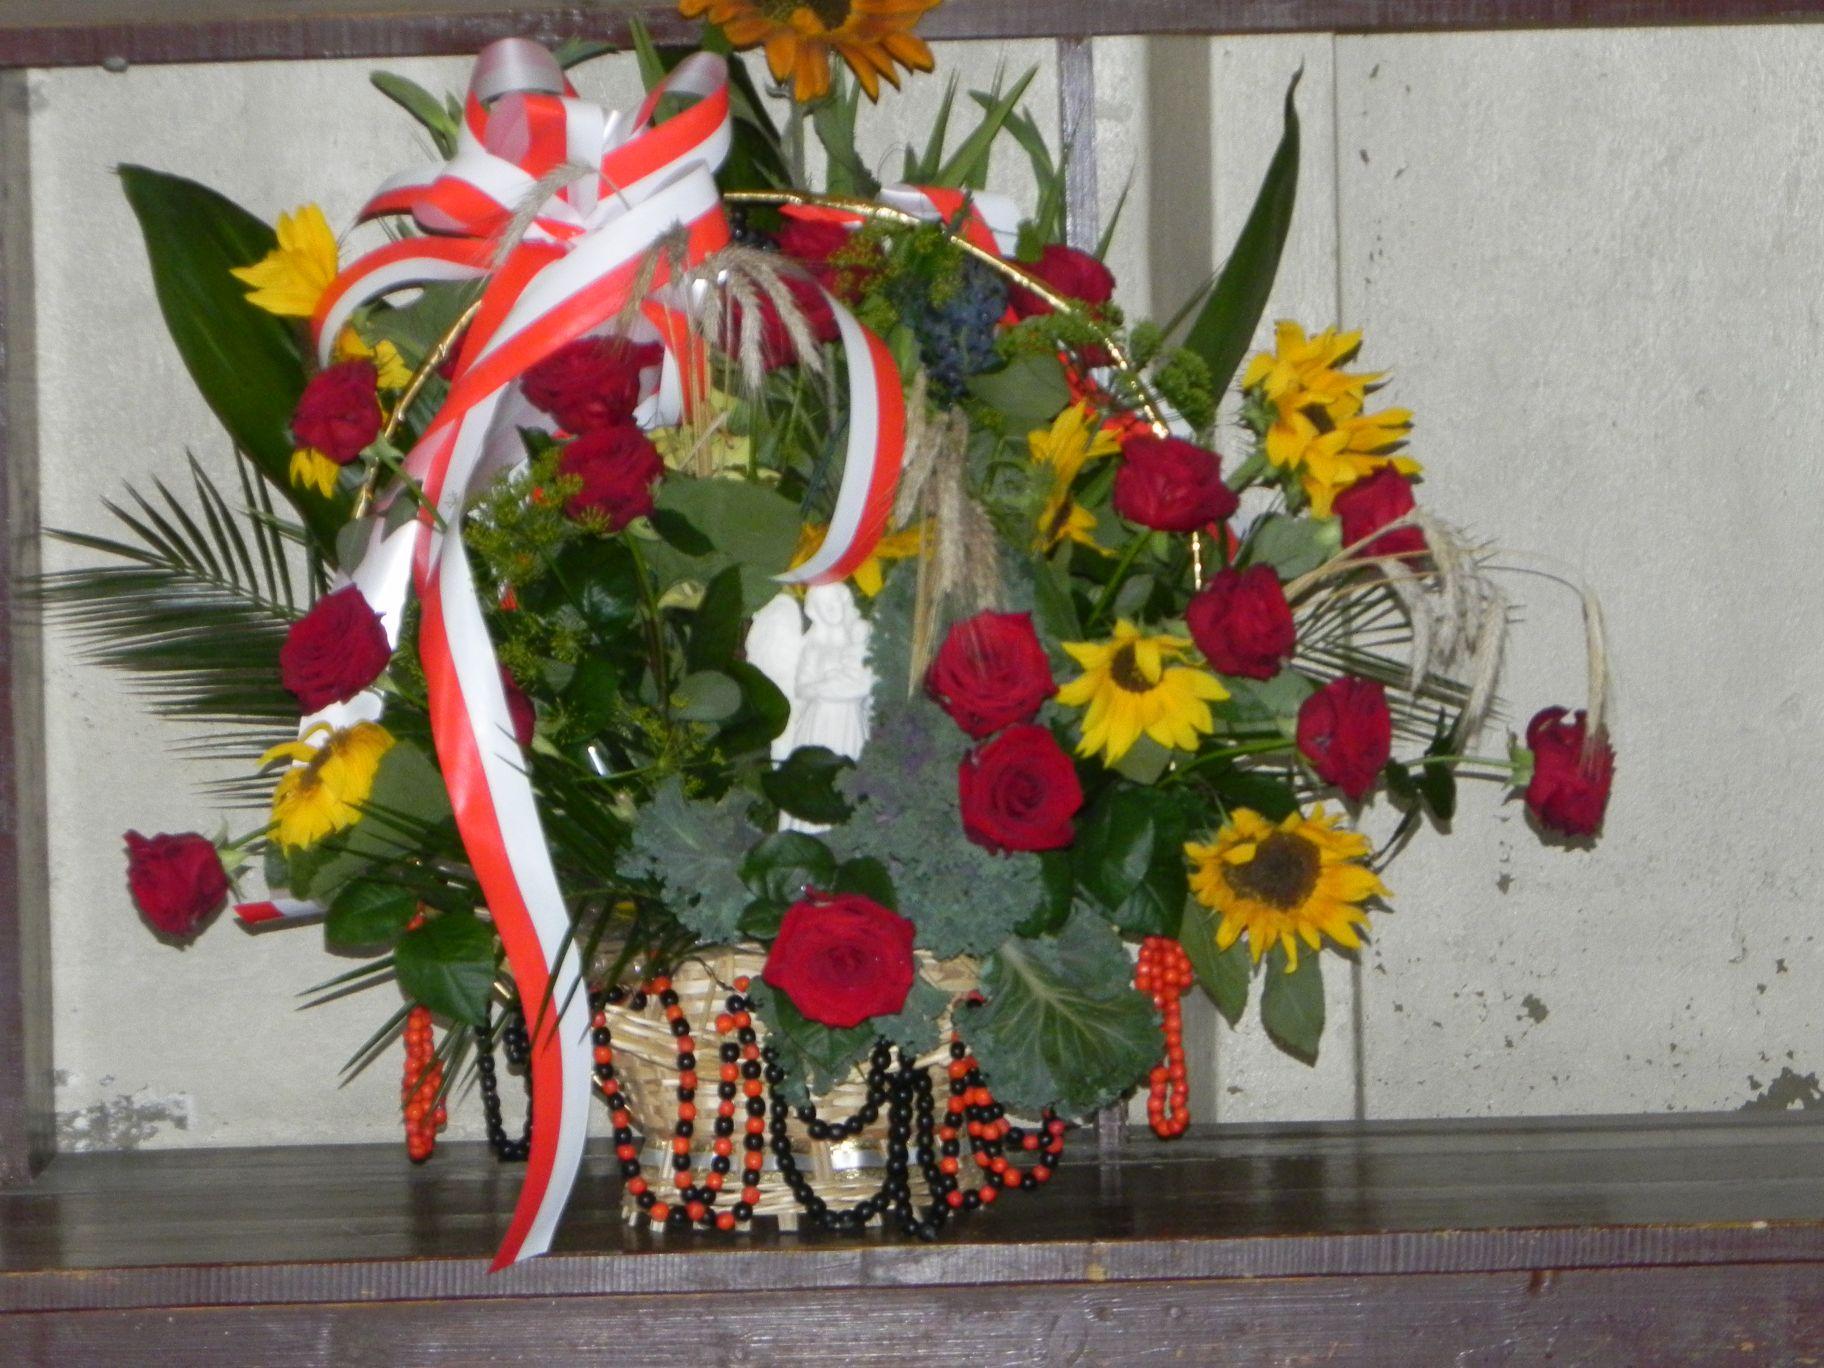 2012-08-16 Sadkowice - dożynki (15)